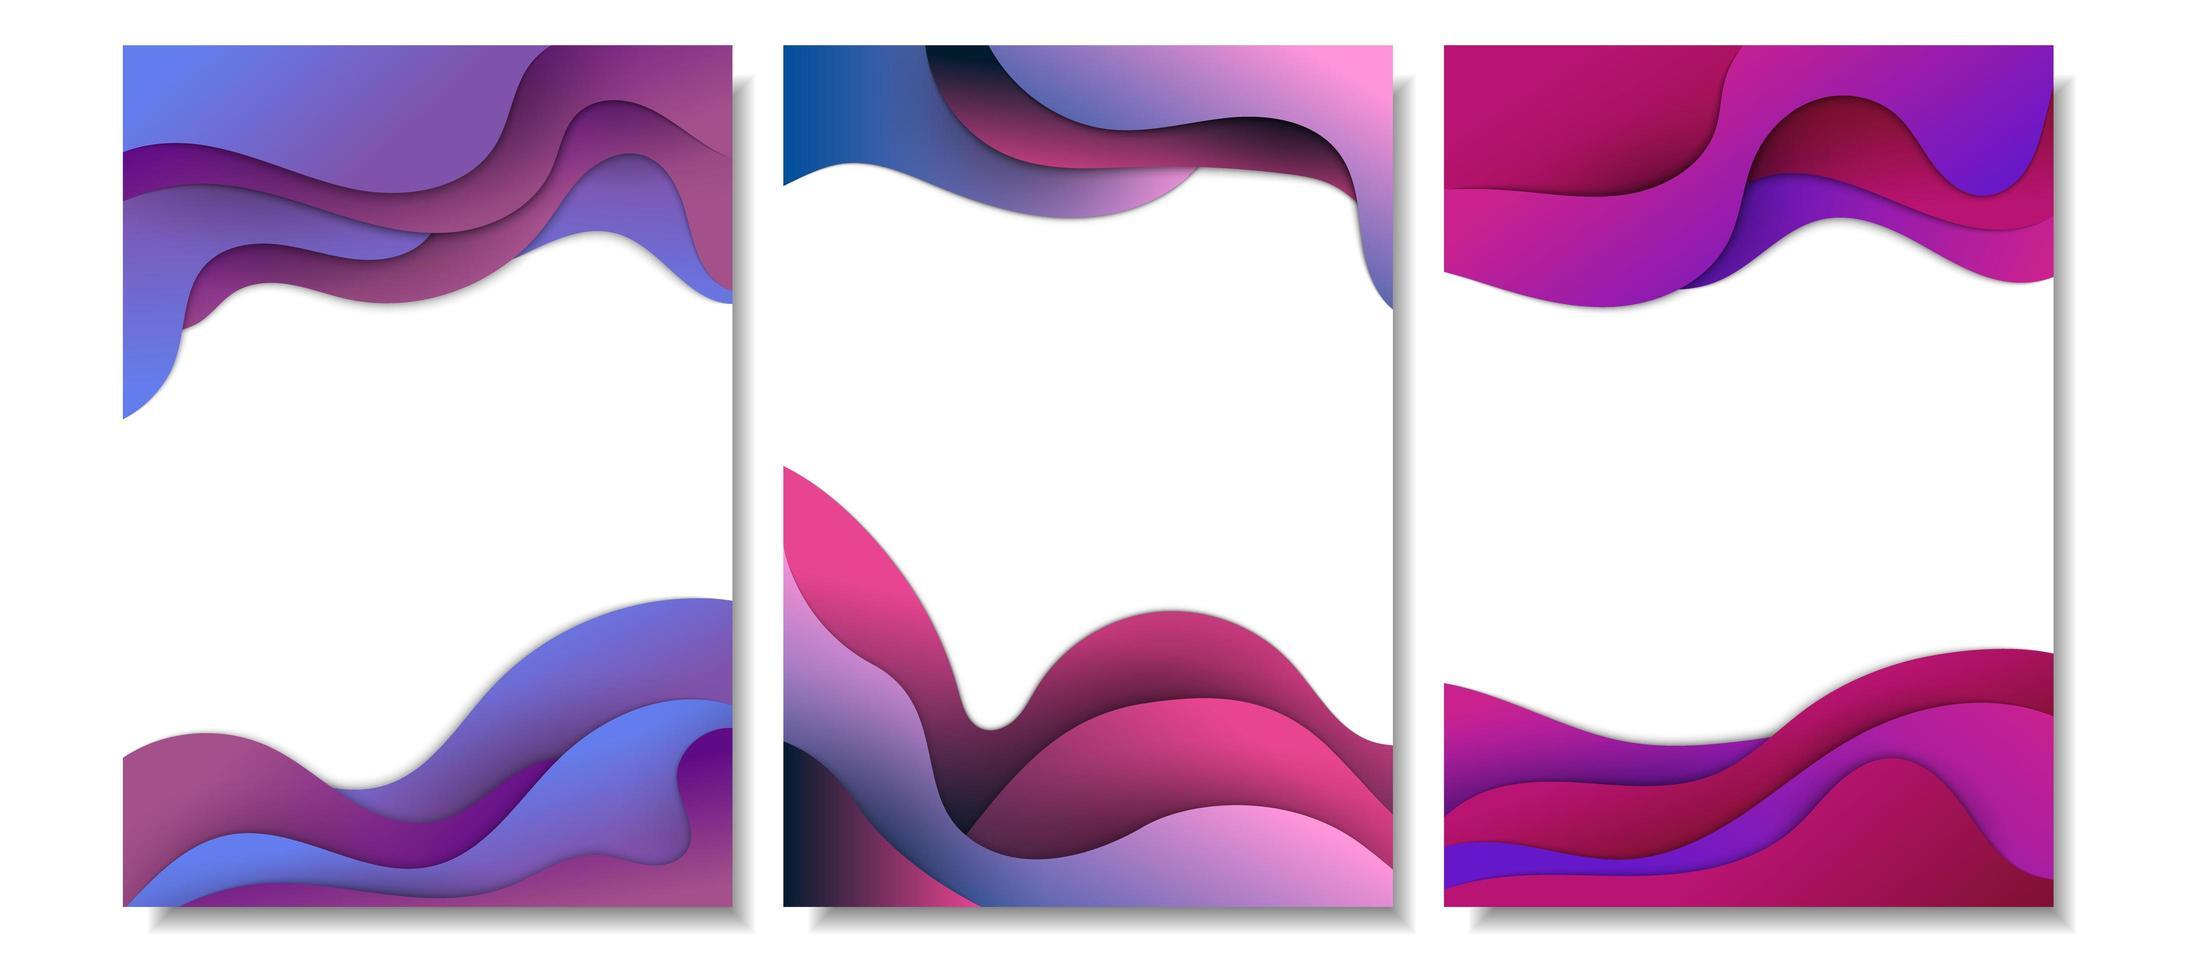 lila Farbverlauf überlagerte abstrakte Wellenform Kartensatz vektor